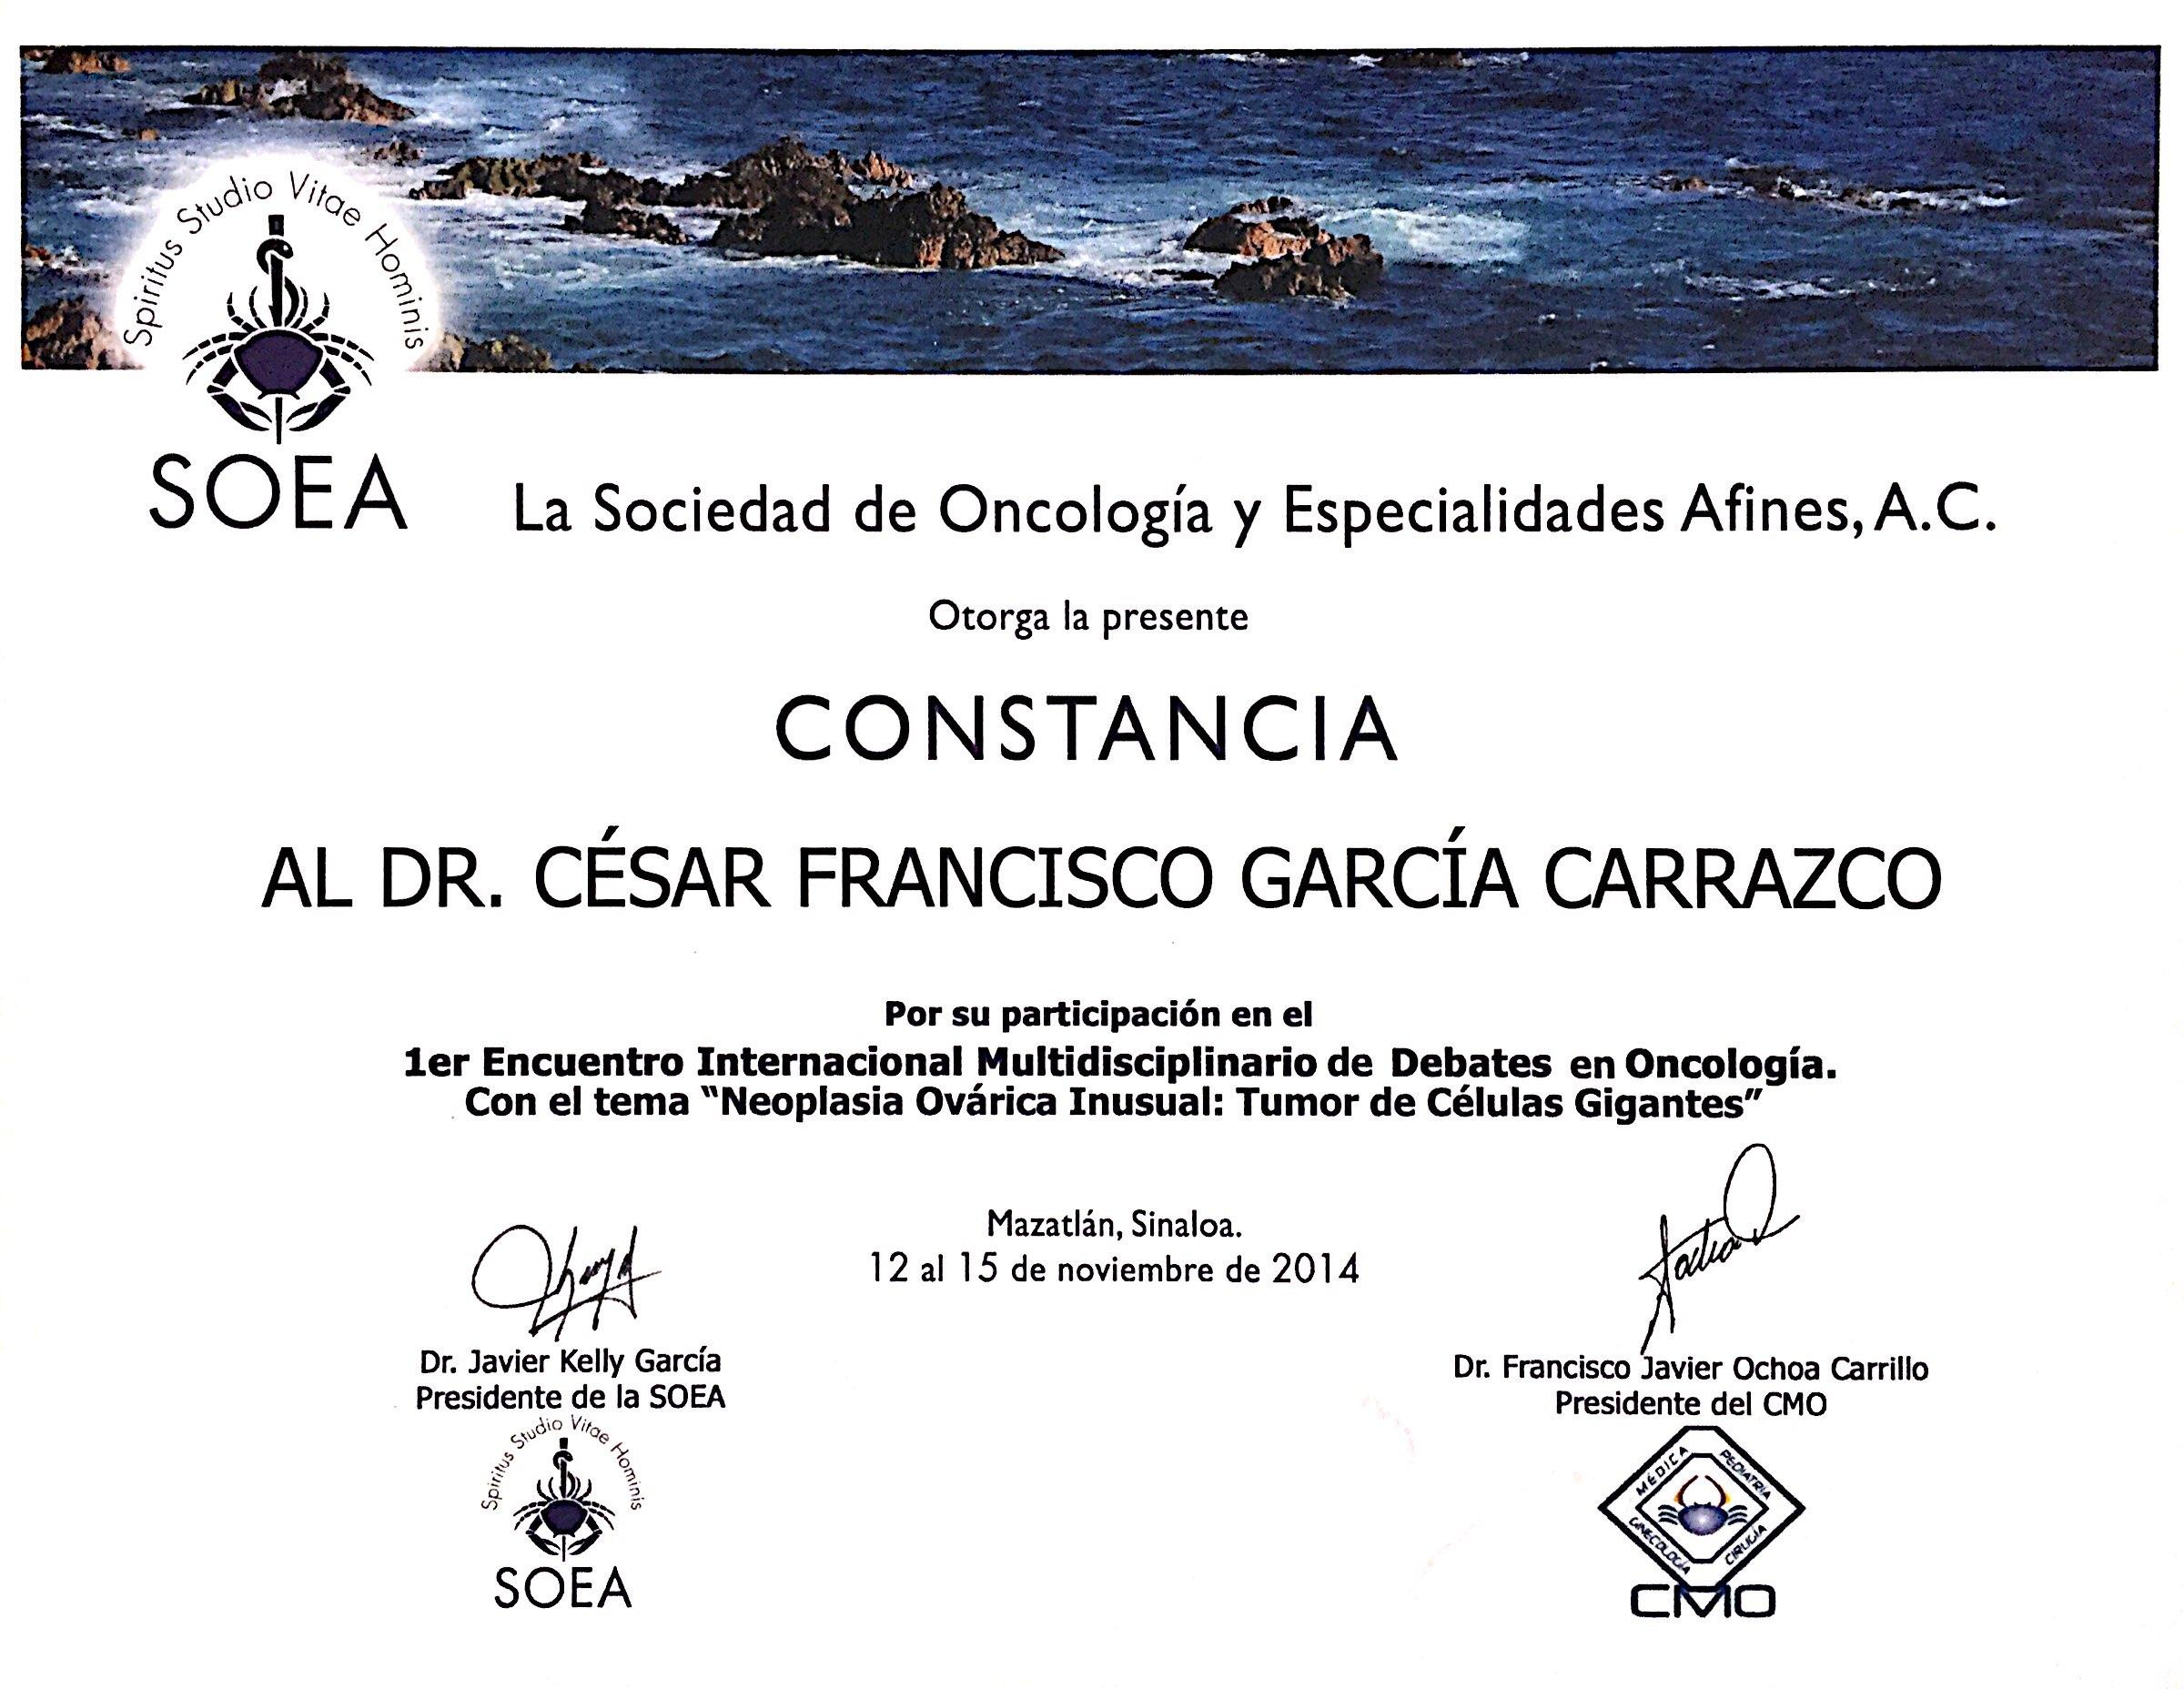 Dr. Garcia Carrazco_40